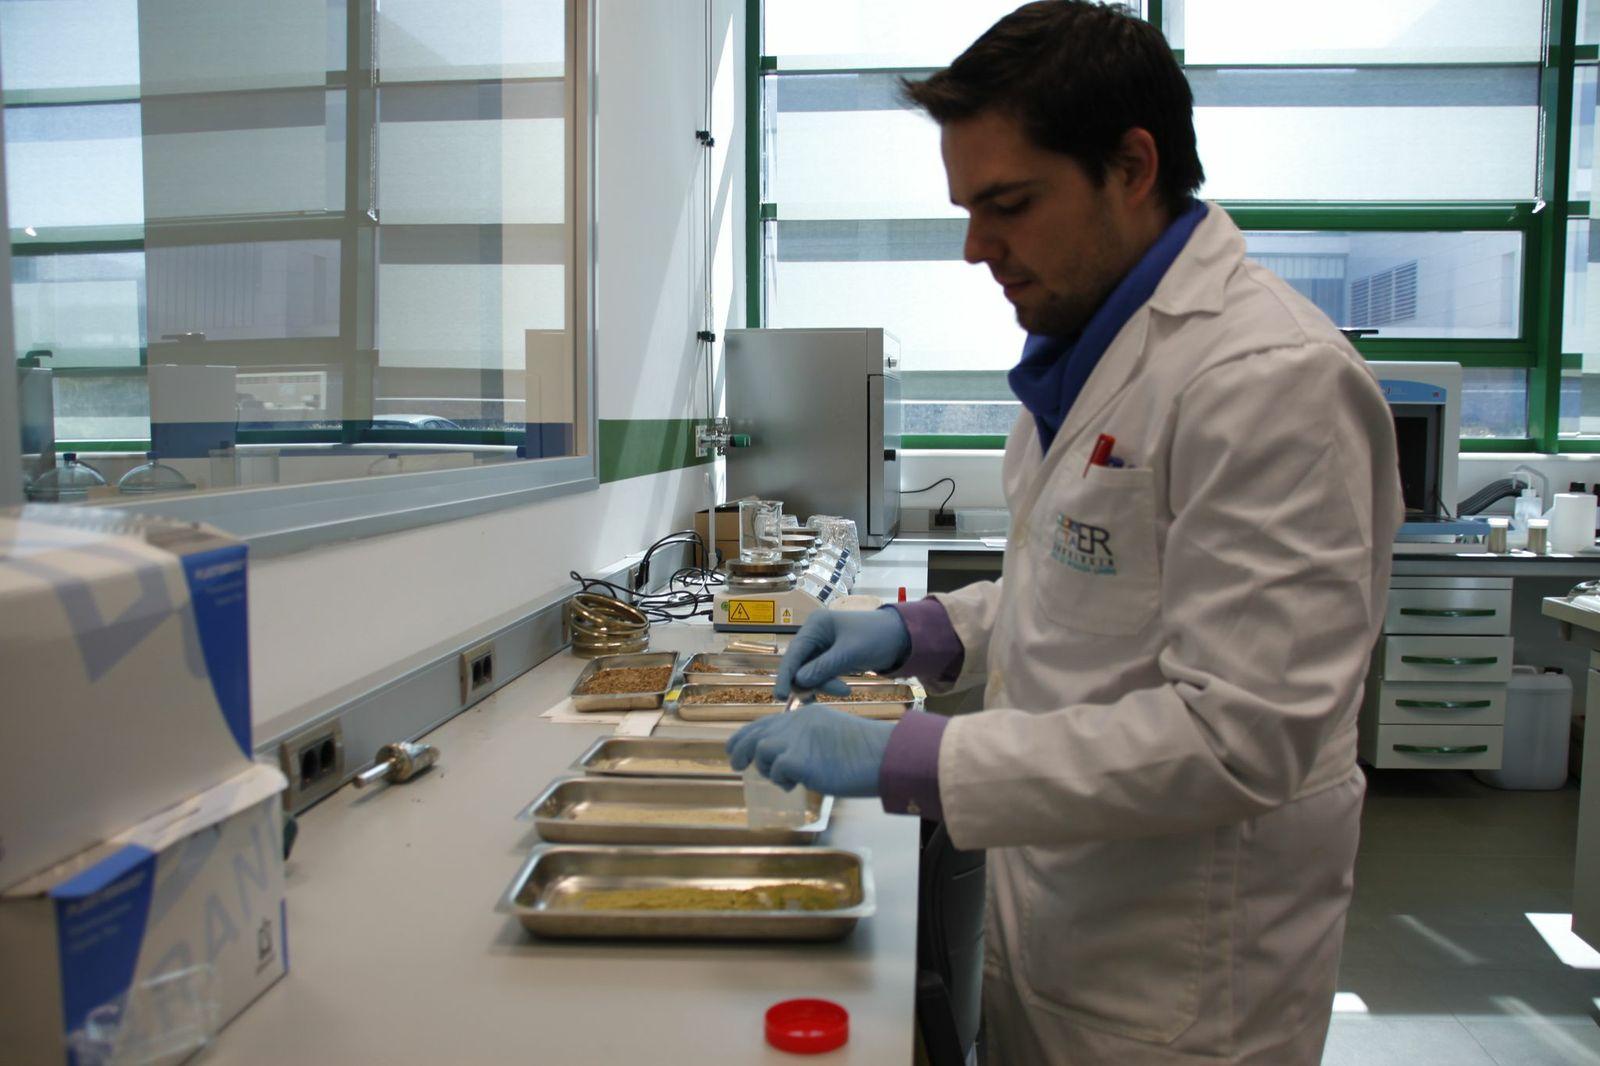 El CTAER obtiene la acreditación ENAC para ensayos de biocombustibles y aparatos calefactores